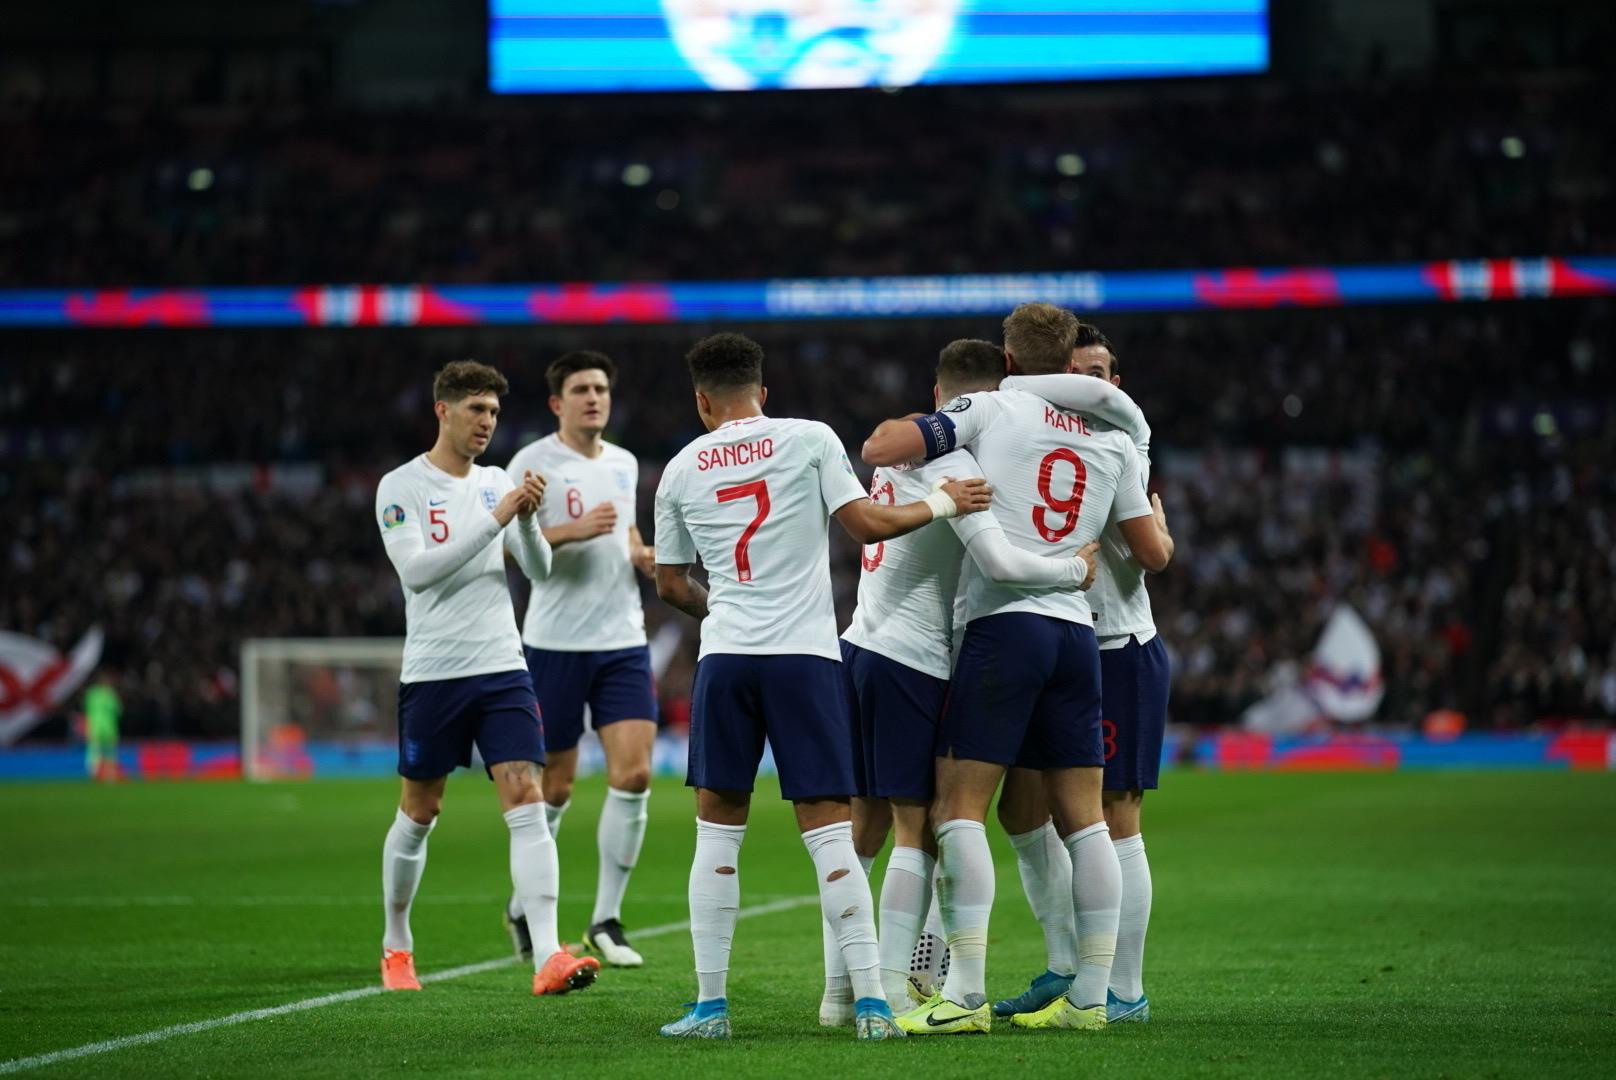 ดูบอลย้อนหลังอังกฤษ 7-0 มอนเตเนโกร ยูโร 2020 รอบคัดเลือก